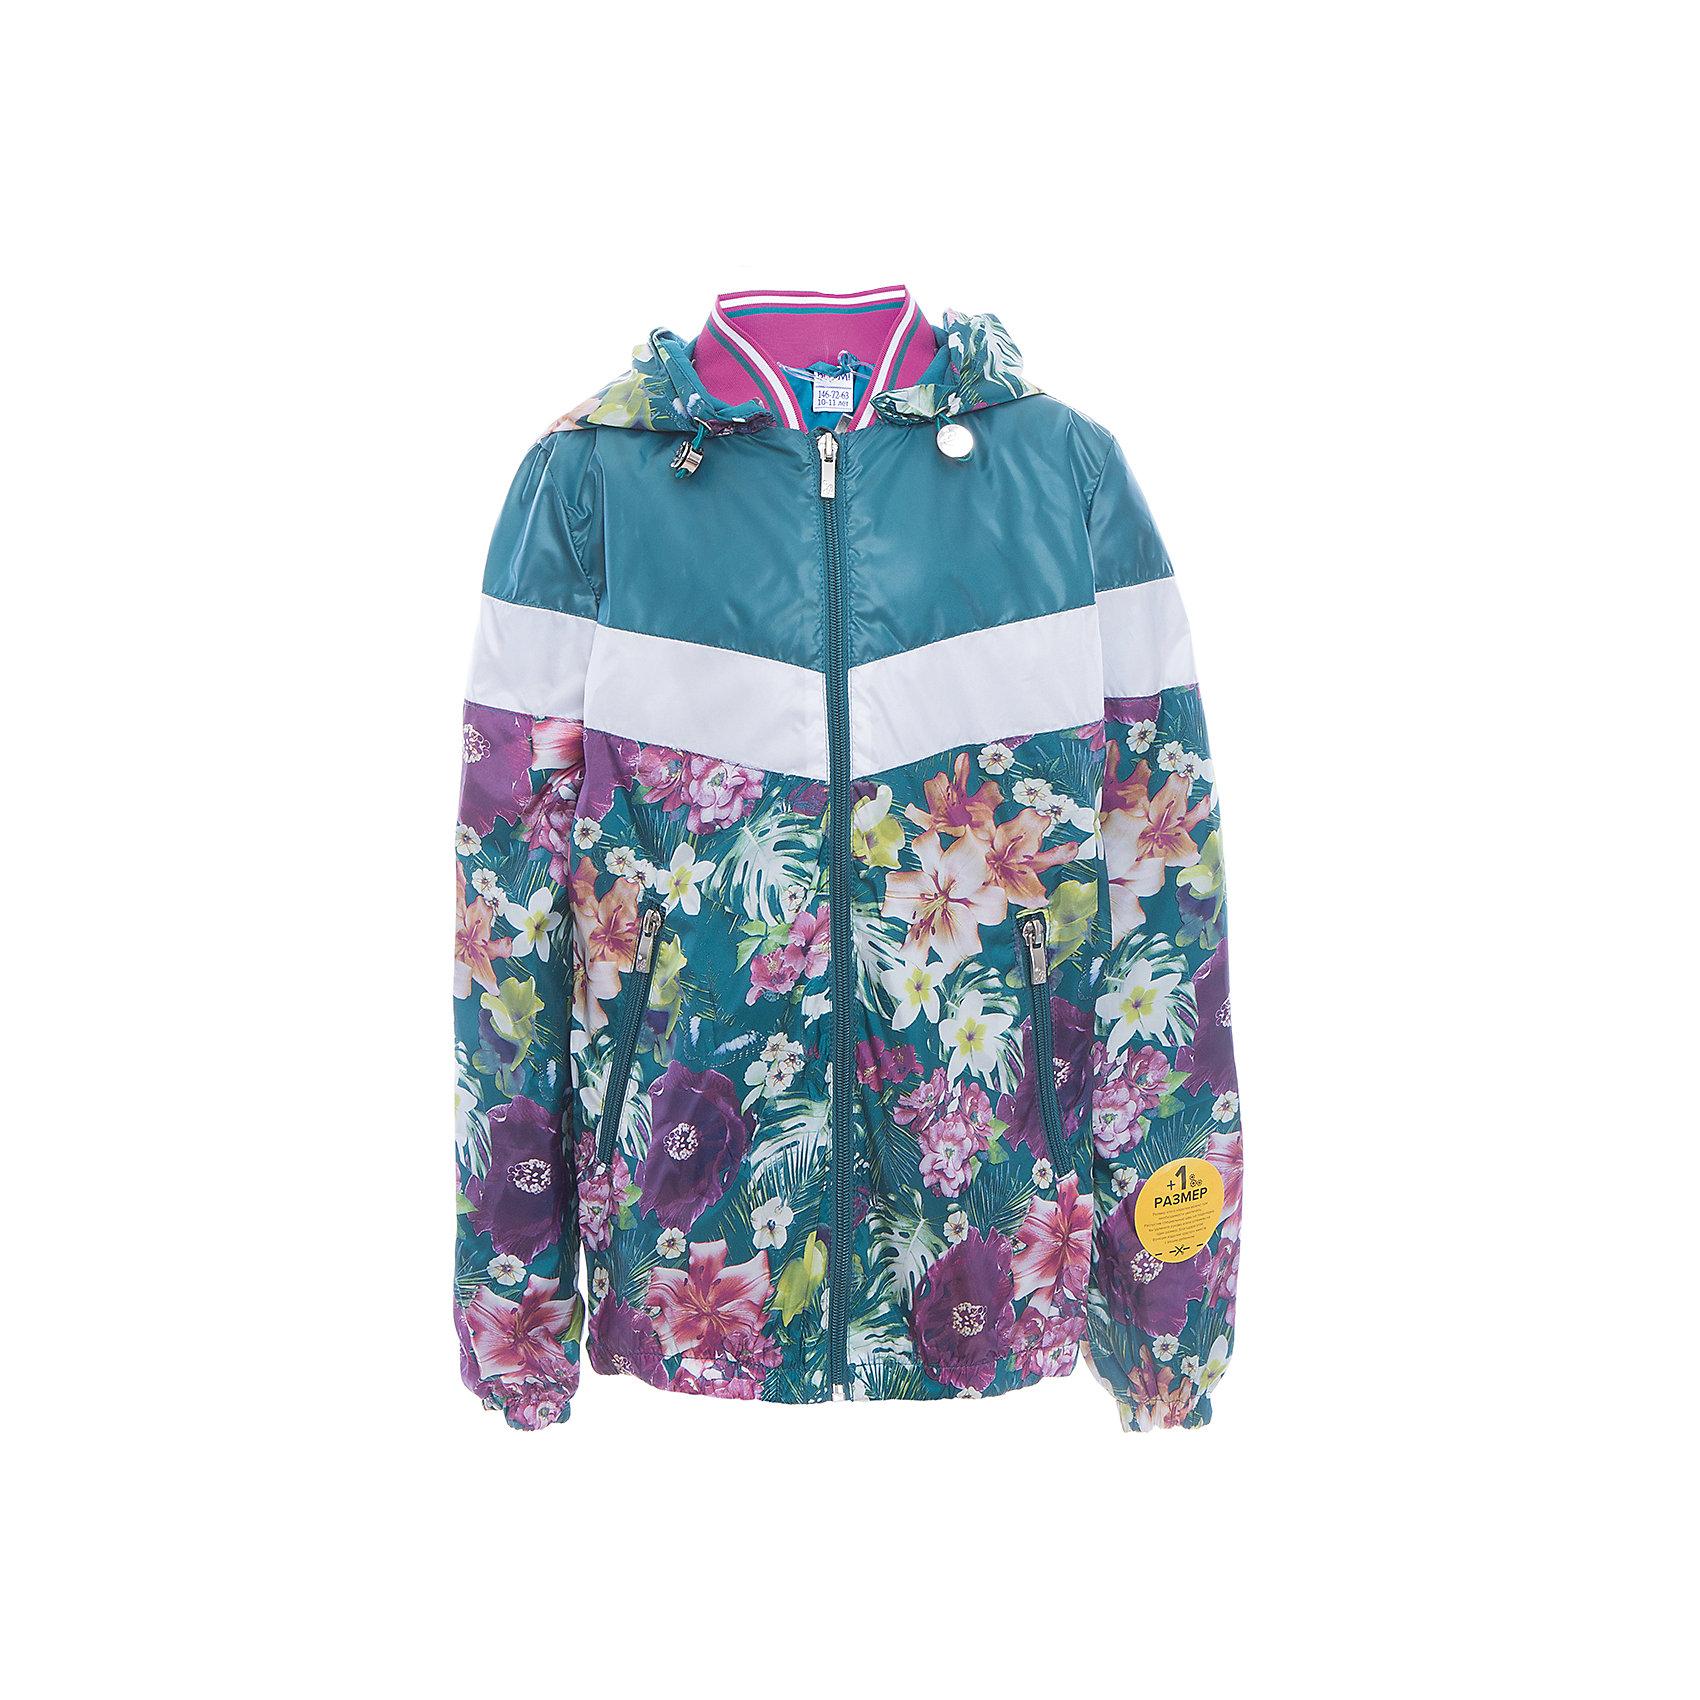 Куртка для девочки BOOM by OrbyВерхняя одежда<br>Характеристики товара:<br><br>• цвет: синий принт<br>• состав: верх - таффета, подкладка - поликоттон, полиэстер, без утеплителя<br>• карманы<br>• застежка - молния<br>• капюшон с утяжкой<br>• украшена принтом<br>• эластичные манжеты<br>• комфортная посадка<br>• страна производства: Российская Федерация<br>• страна бренда: Российская Федерация<br>• коллекция: весна-лето 2017<br><br>Легкая куртка - универсальный вариант и для прохладного летнего вечера, и для теплого межсезонья. Эта модель - модная и удобная одновременно! Изделие отличается стильным ярким дизайном. Куртка хорошо сидит по фигуре, отлично сочетается с различным низом. Вещь была разработана специально для детей.<br><br>Куртку для девочки от бренда BOOM by Orby можно купить в нашем интернет-магазине.<br><br>Ширина мм: 356<br>Глубина мм: 10<br>Высота мм: 245<br>Вес г: 519<br>Цвет: голубой<br>Возраст от месяцев: 108<br>Возраст до месяцев: 120<br>Пол: Женский<br>Возраст: Детский<br>Размер: 140,128,134,152,110,146,116,158,122<br>SKU: 5343067